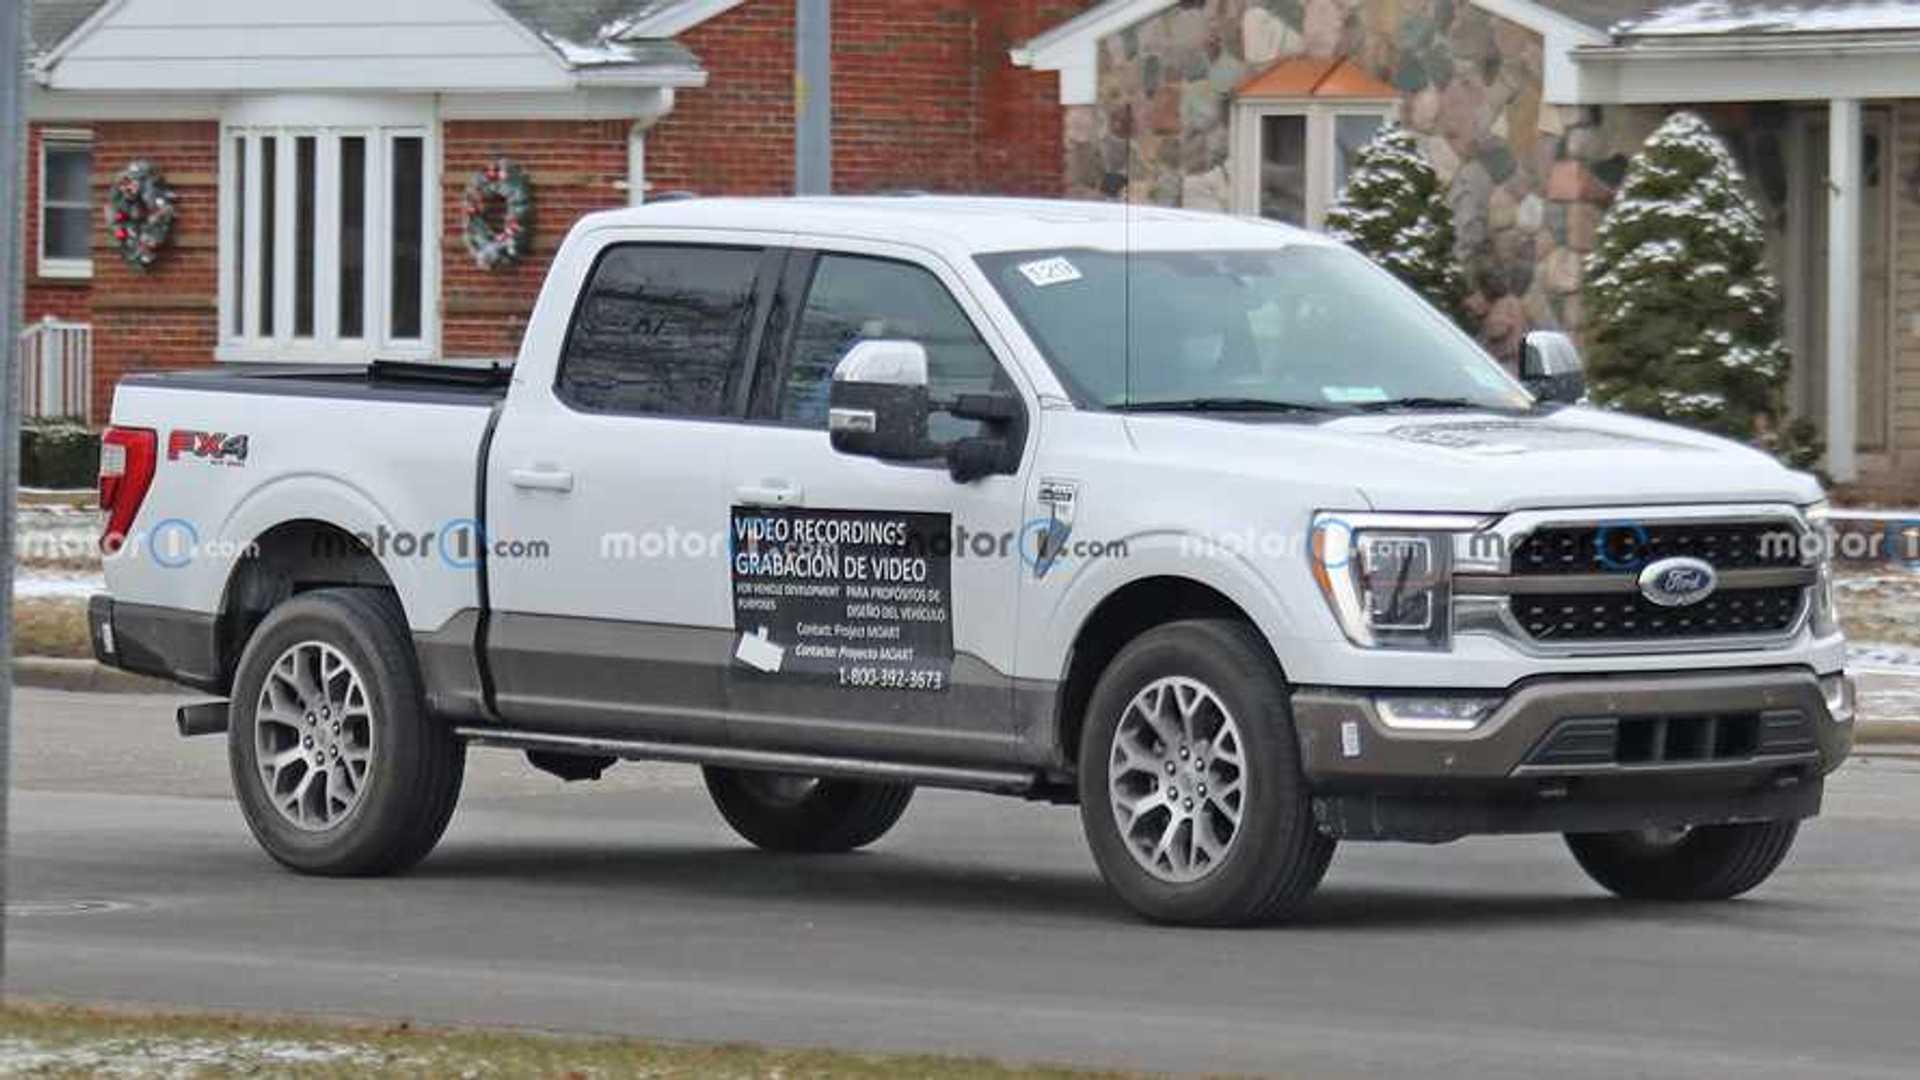 Шпионские снимки Ford F-150 показывают, что на алюминиевый грузовик наносят магнитную краску